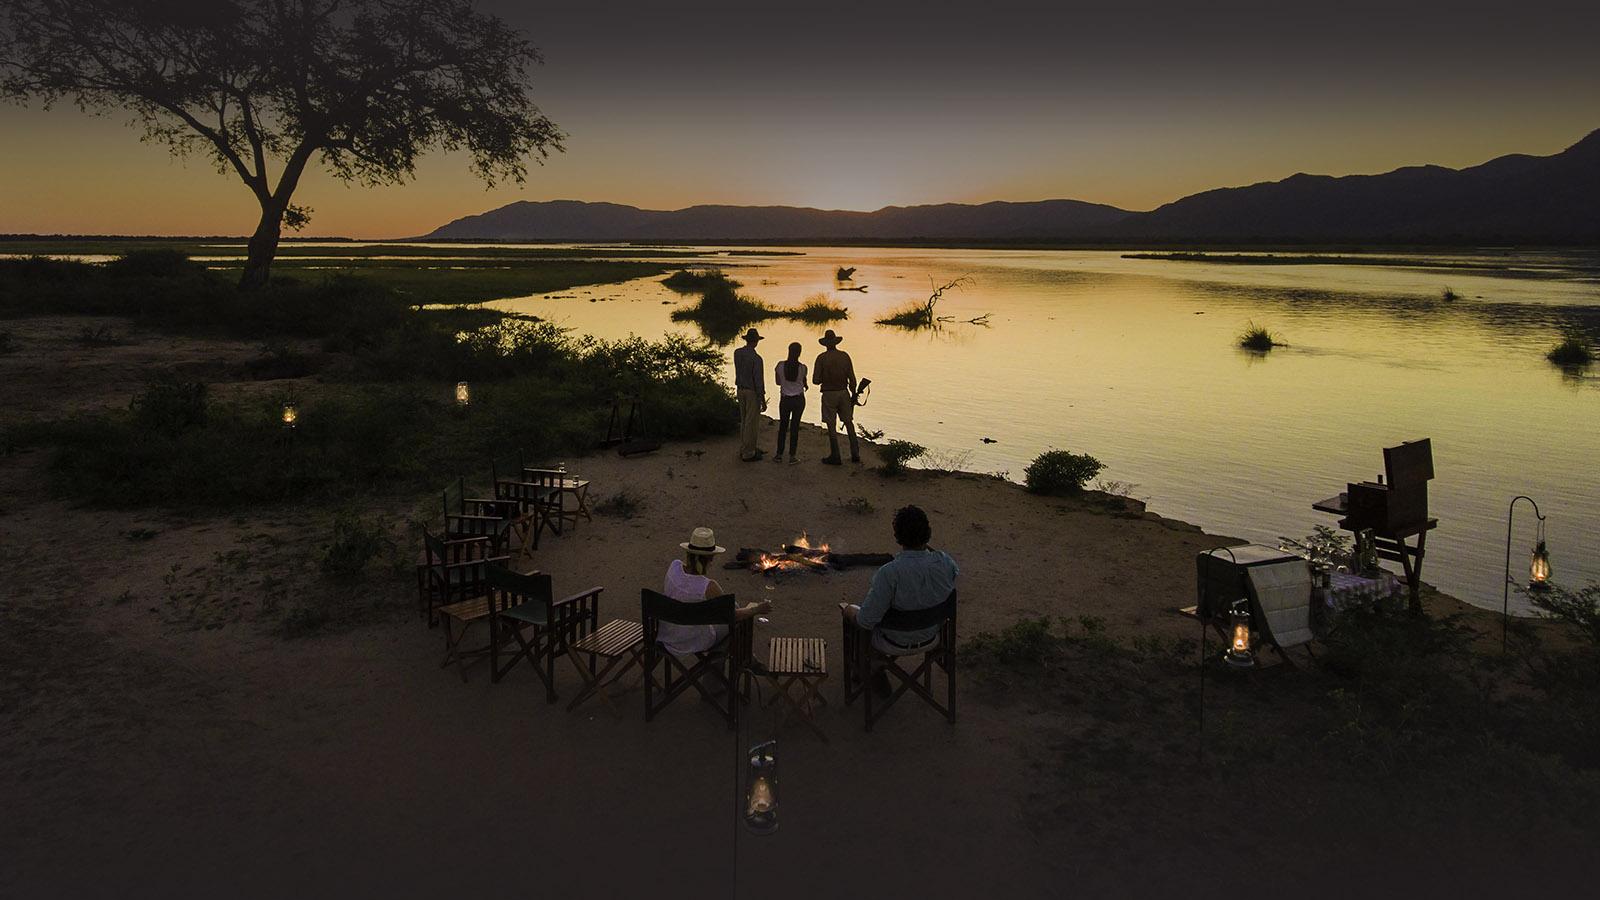 johns camp mana-pools-zimbabwe-accommodation-safari-zambia-in-style-landscape-view